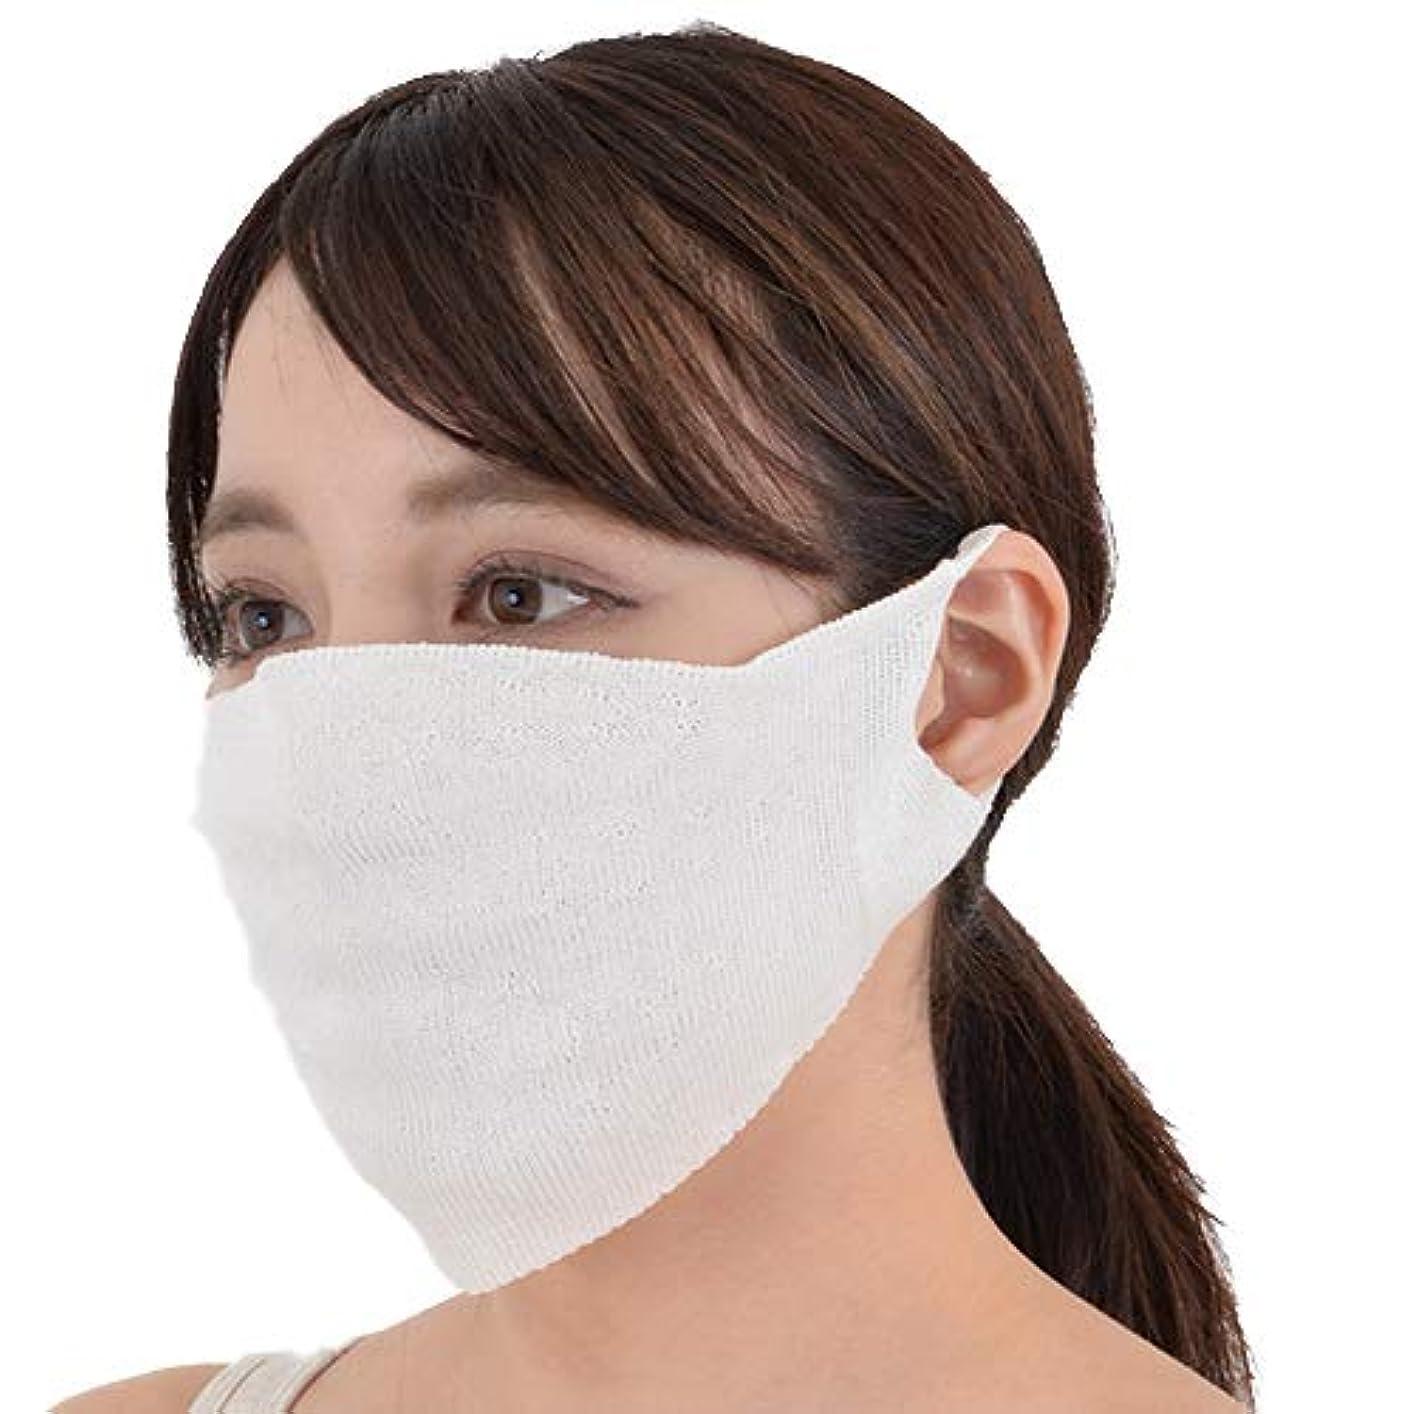 安全なシビック貸す【SILK100%】無縫製 保湿マスク シルク100% ホールガーメント® 日本製 工場直販 (オフホワイト)(4045-7187)